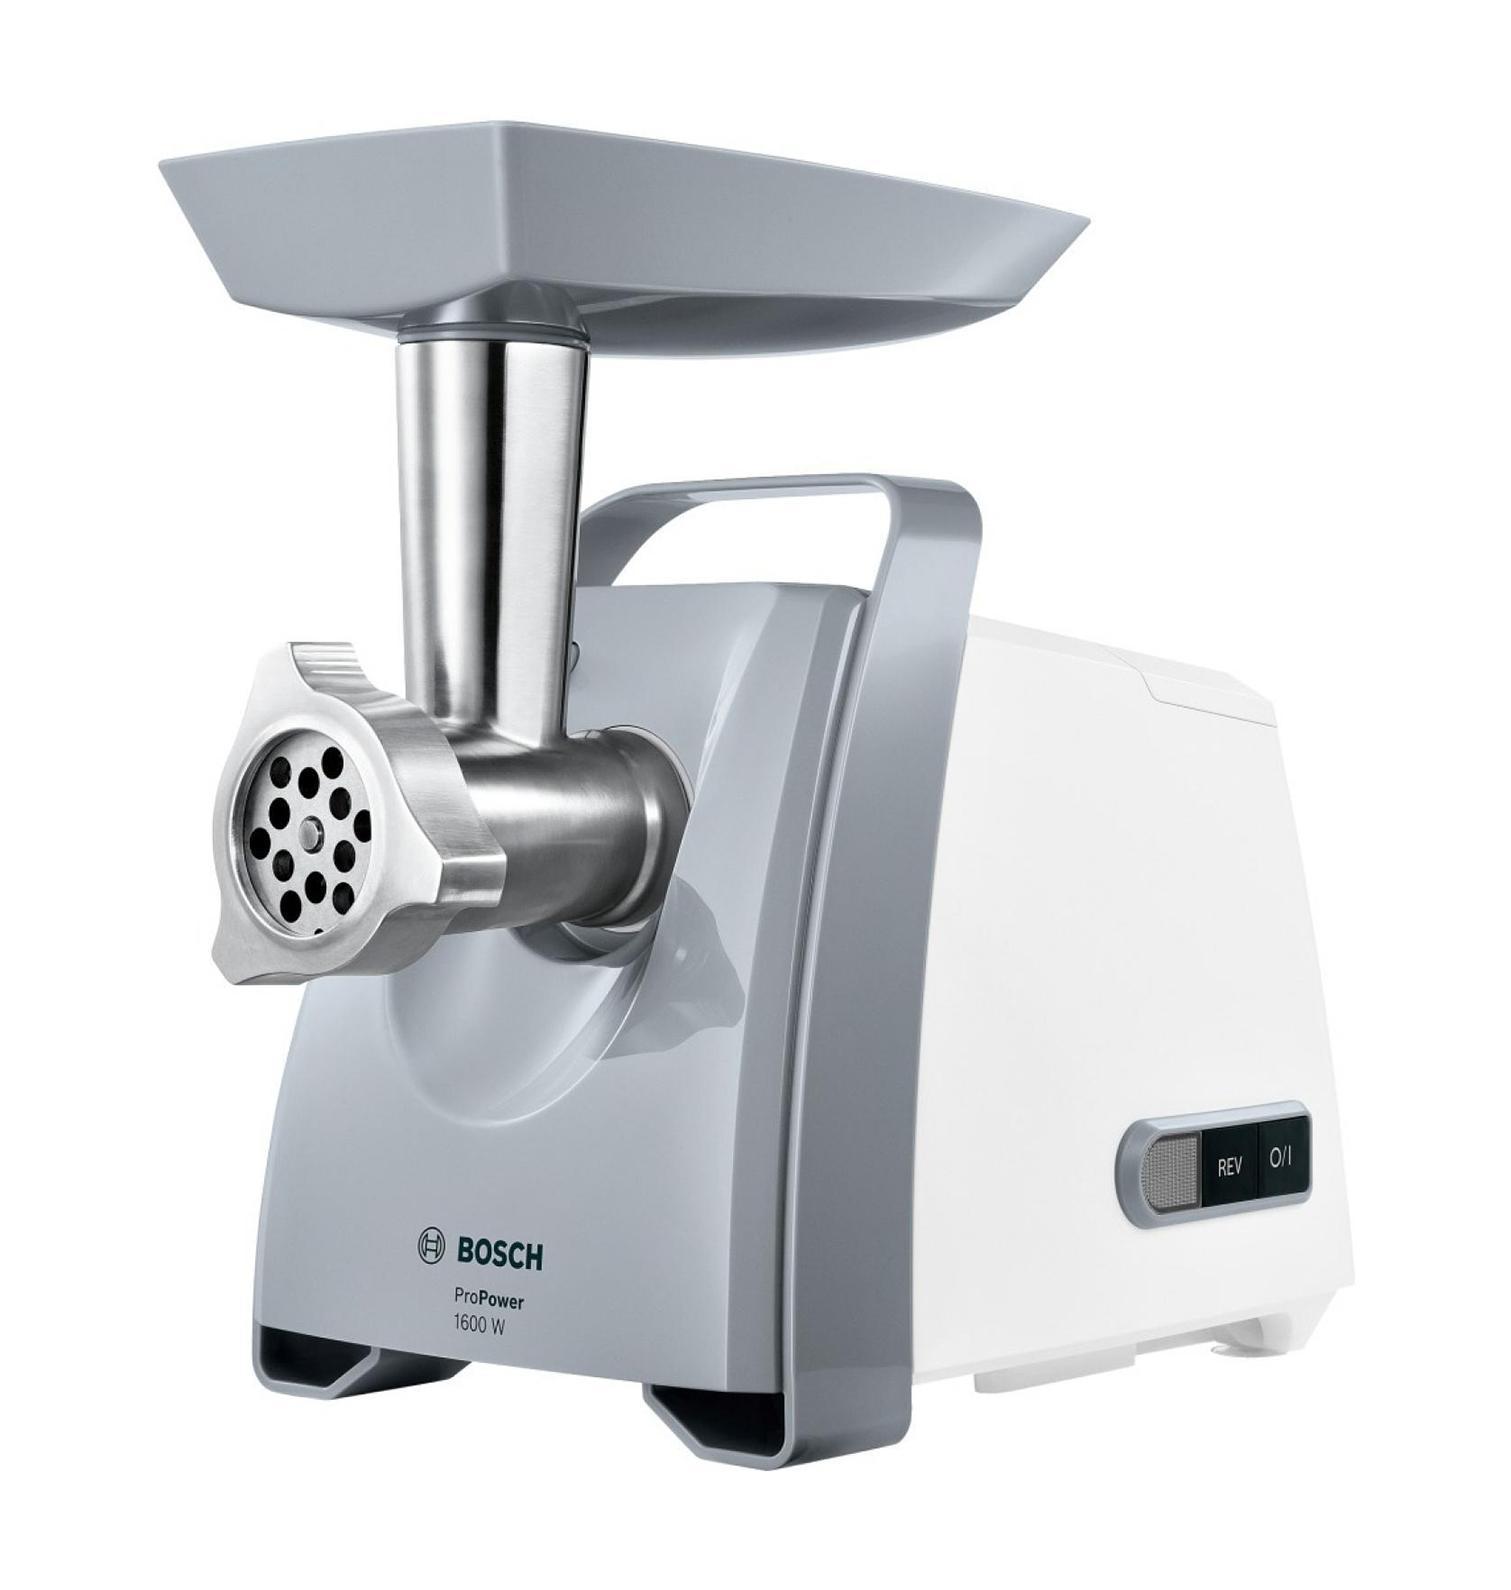 Bosch MFW45020 ProPower, White Silver мясорубкаMFW45020С помощью мясорубки Bosch MFW45020 ProPower вы без труда приготовите фарш нужной консистенции, домашнюю колбасу или кеббе. Функция реверс поможет справиться с застрявшими продуктами, не разбирая прибор. Пластиковый лоток для удобной подачи продуктов. Для хранения формовочных дисков предусмотрен специальный отсек на корпусе устройства, а насадки для приготовления колбас и кеббе можно хранить прямо в толкателе. Мясорубка имеет удобную ручку для переноски. Вакуумные присоски на основании прибора предотвратят его соскальзывание с рабочей поверхности.